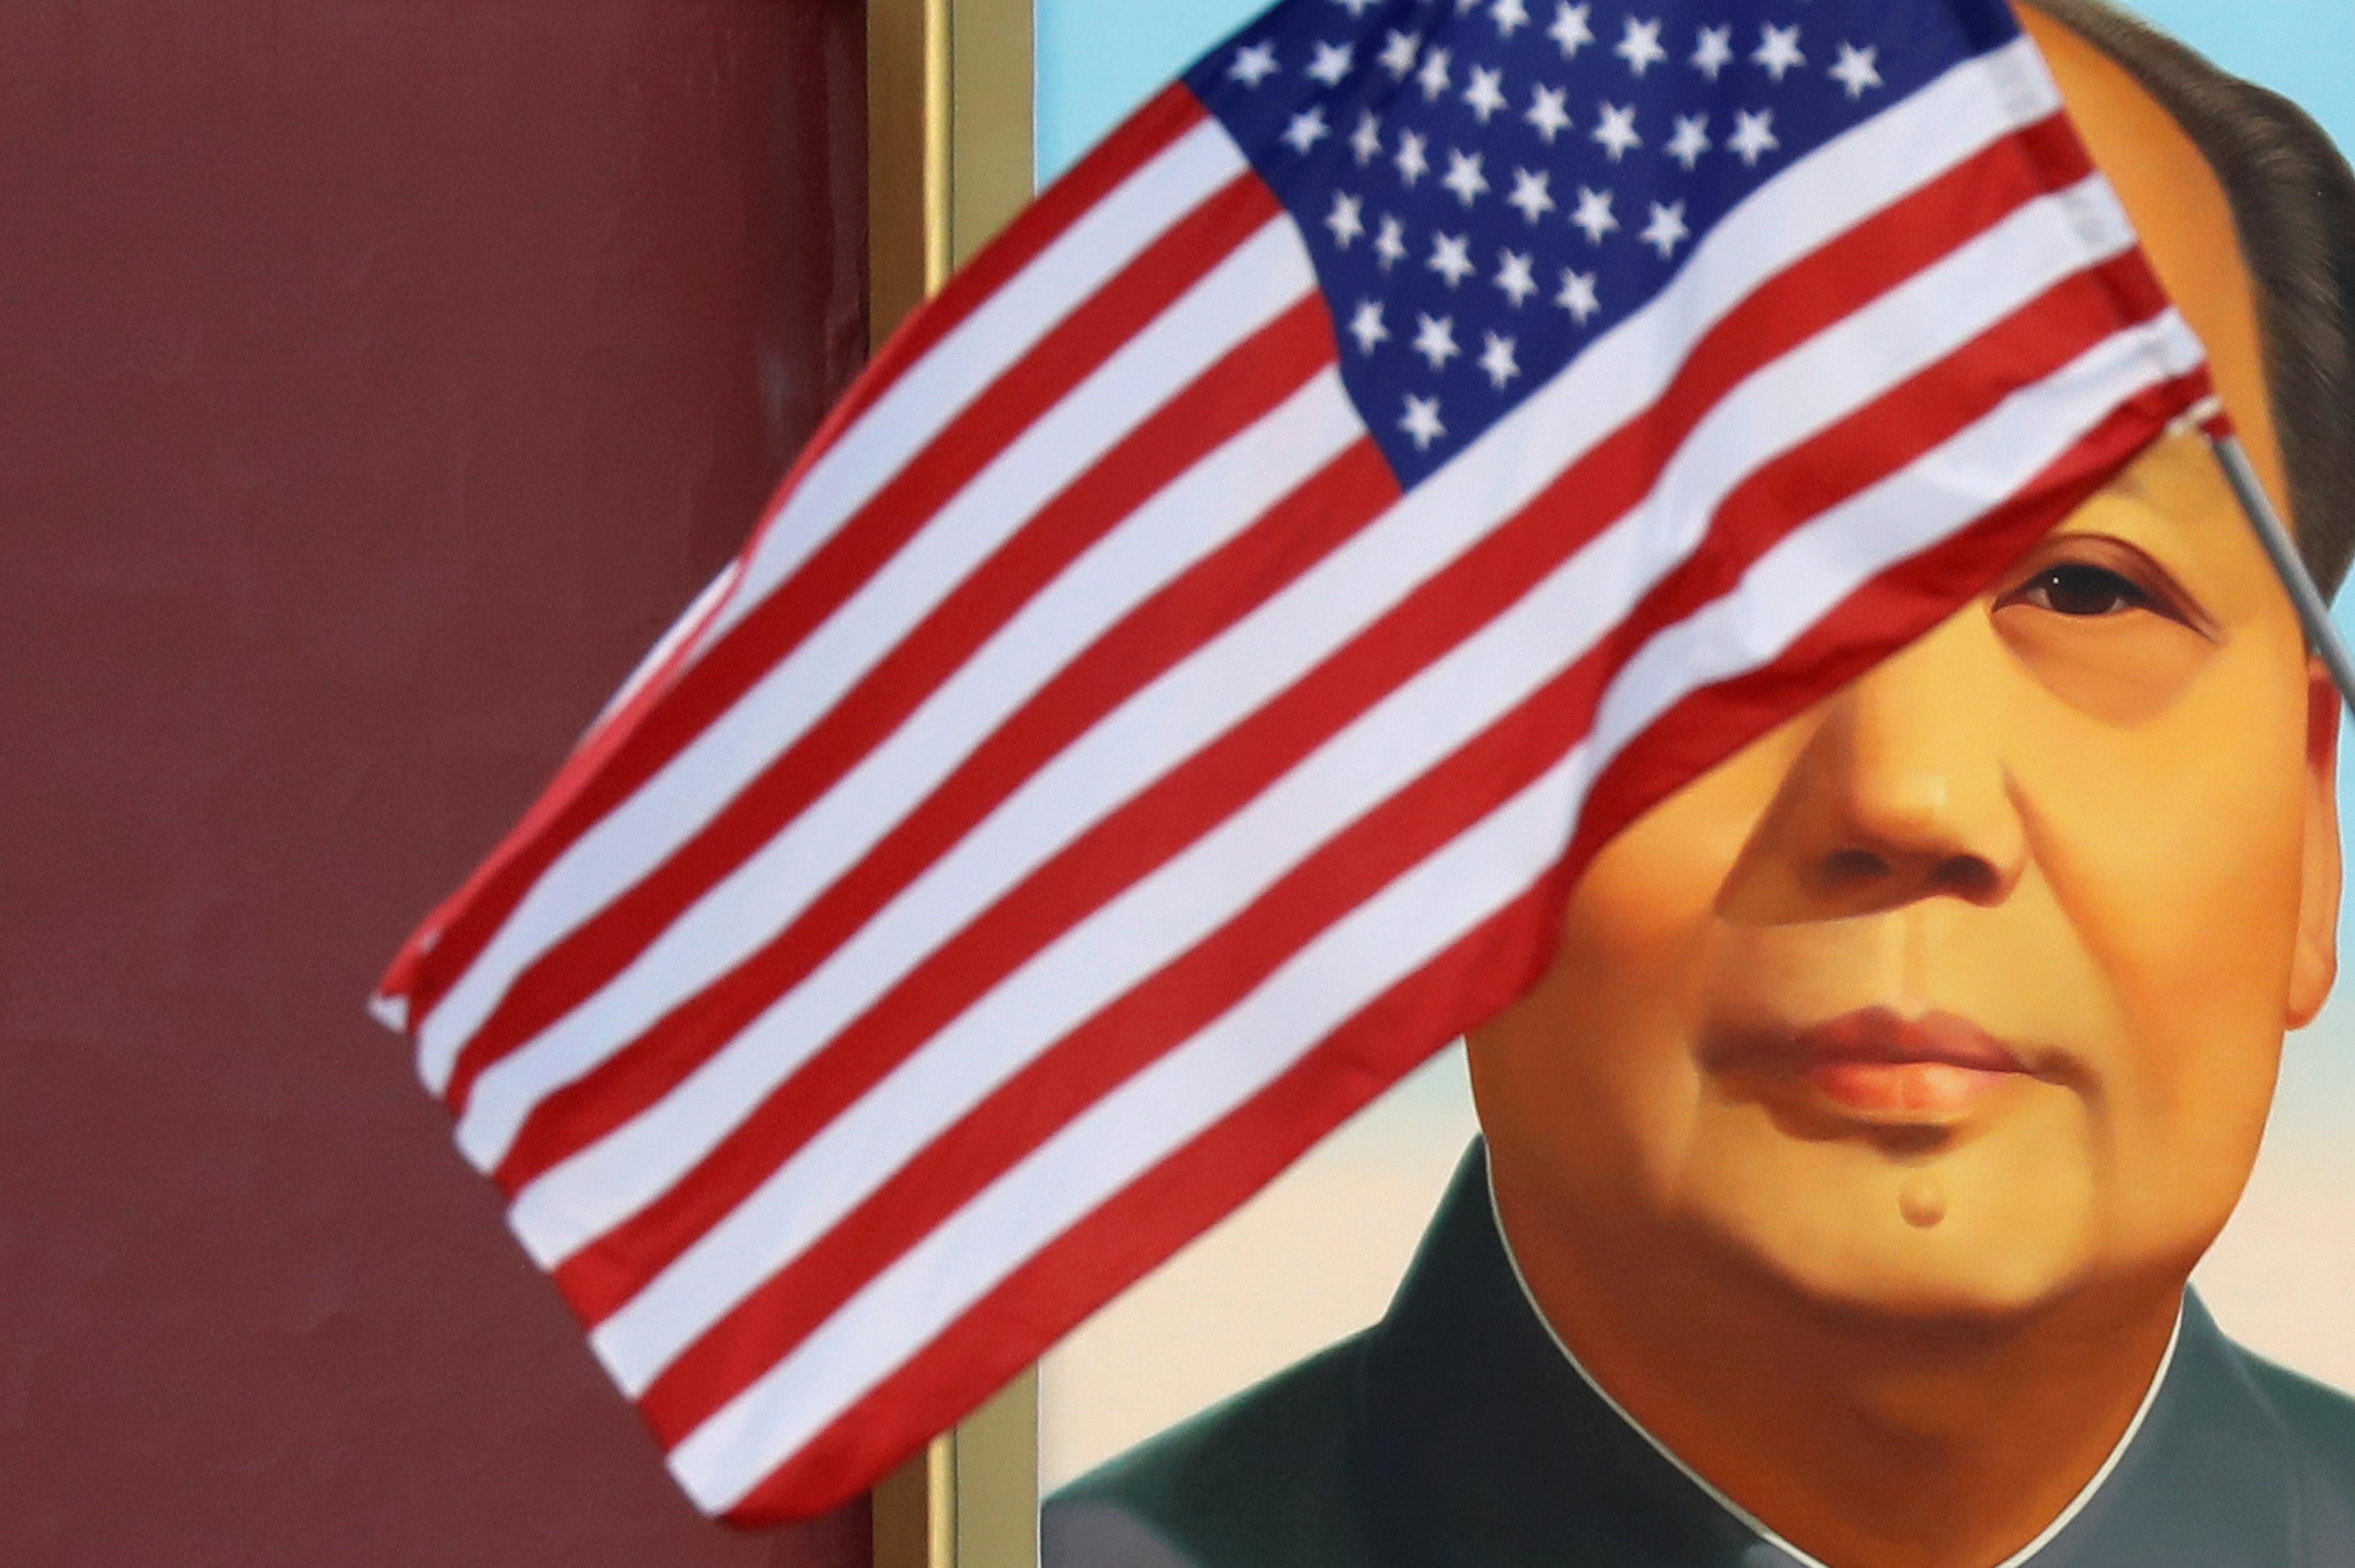 Uma bandeira dos EUA flutua em frente a um retrato do ex-presidente chinês, Mao Tsé-Tung, no portão da Praça da Paz Celestial durante a visita do presidente dos EUA, Donald Trump a Pequim, 8 de novembro de 2017.